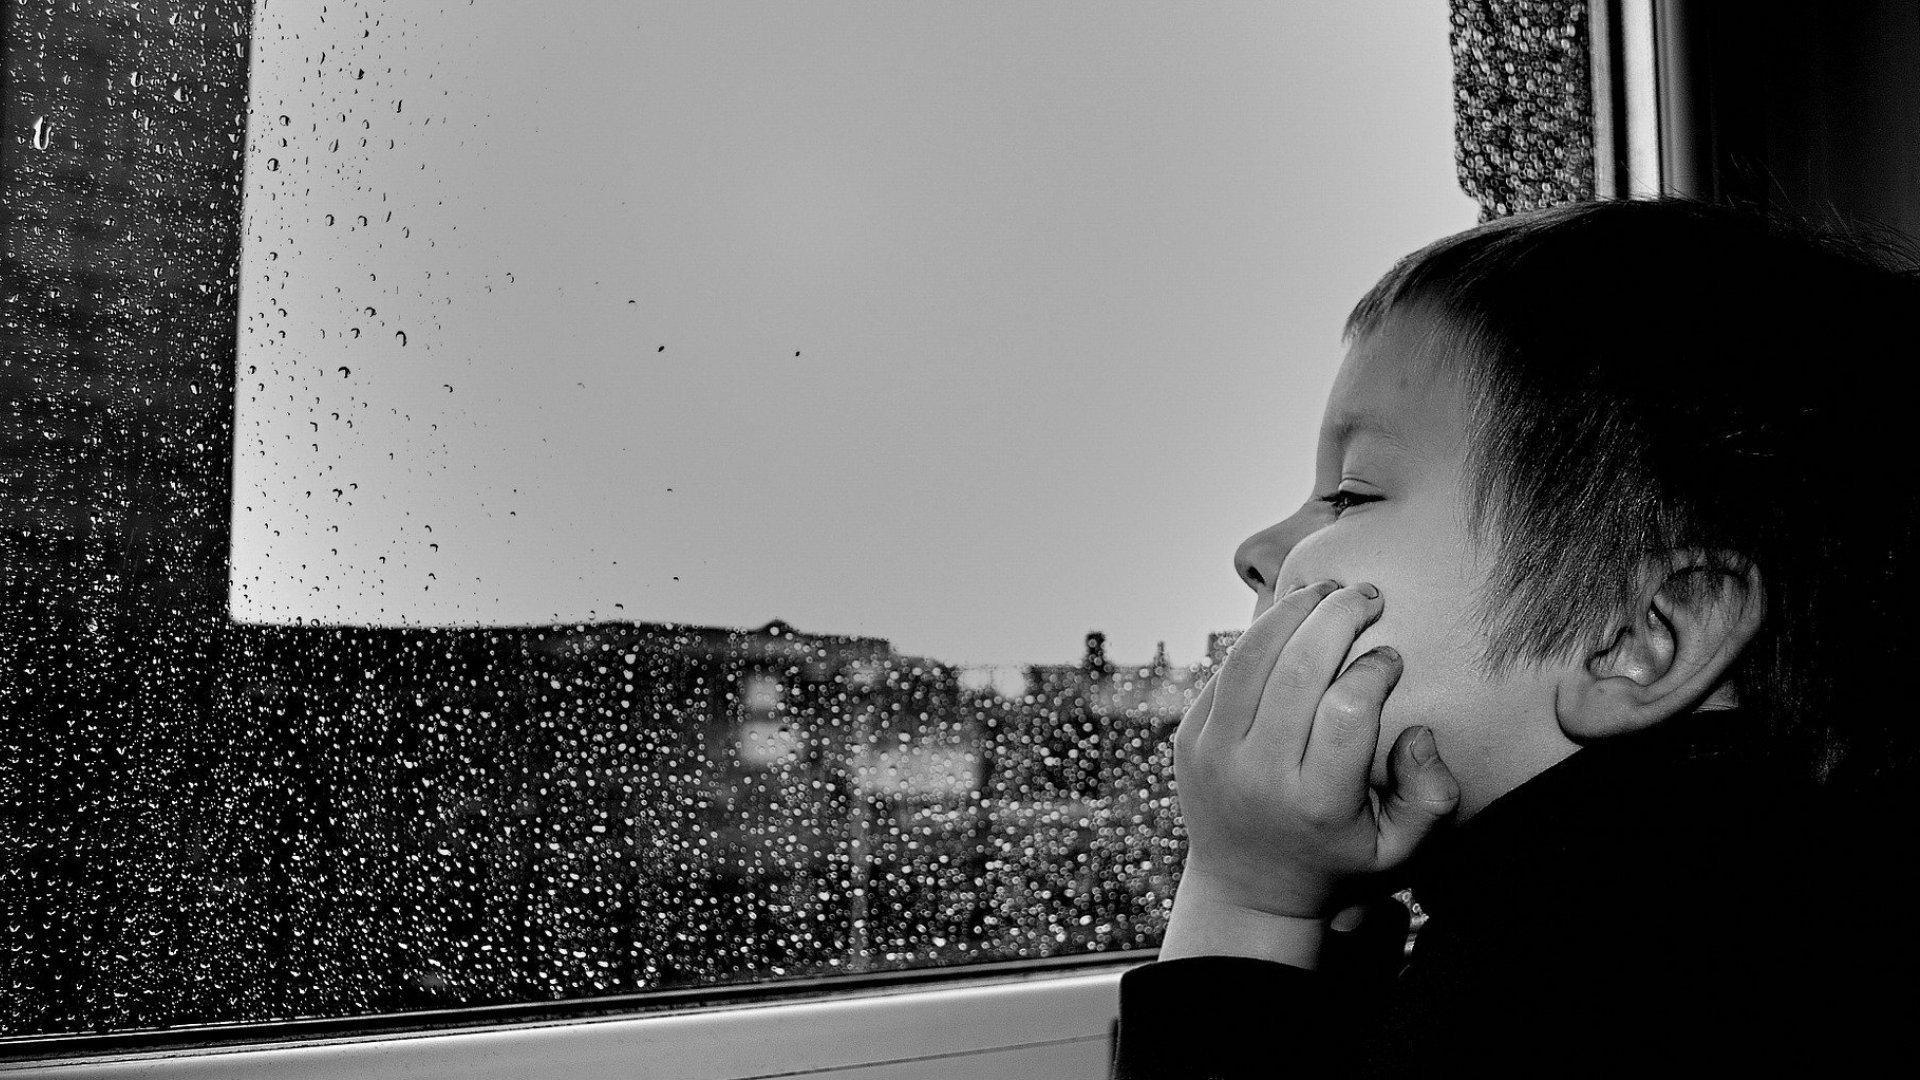 Ein Junge schaut aus einem Fenster. Draußen regnet es, Regentropfen auf der Scheibe.